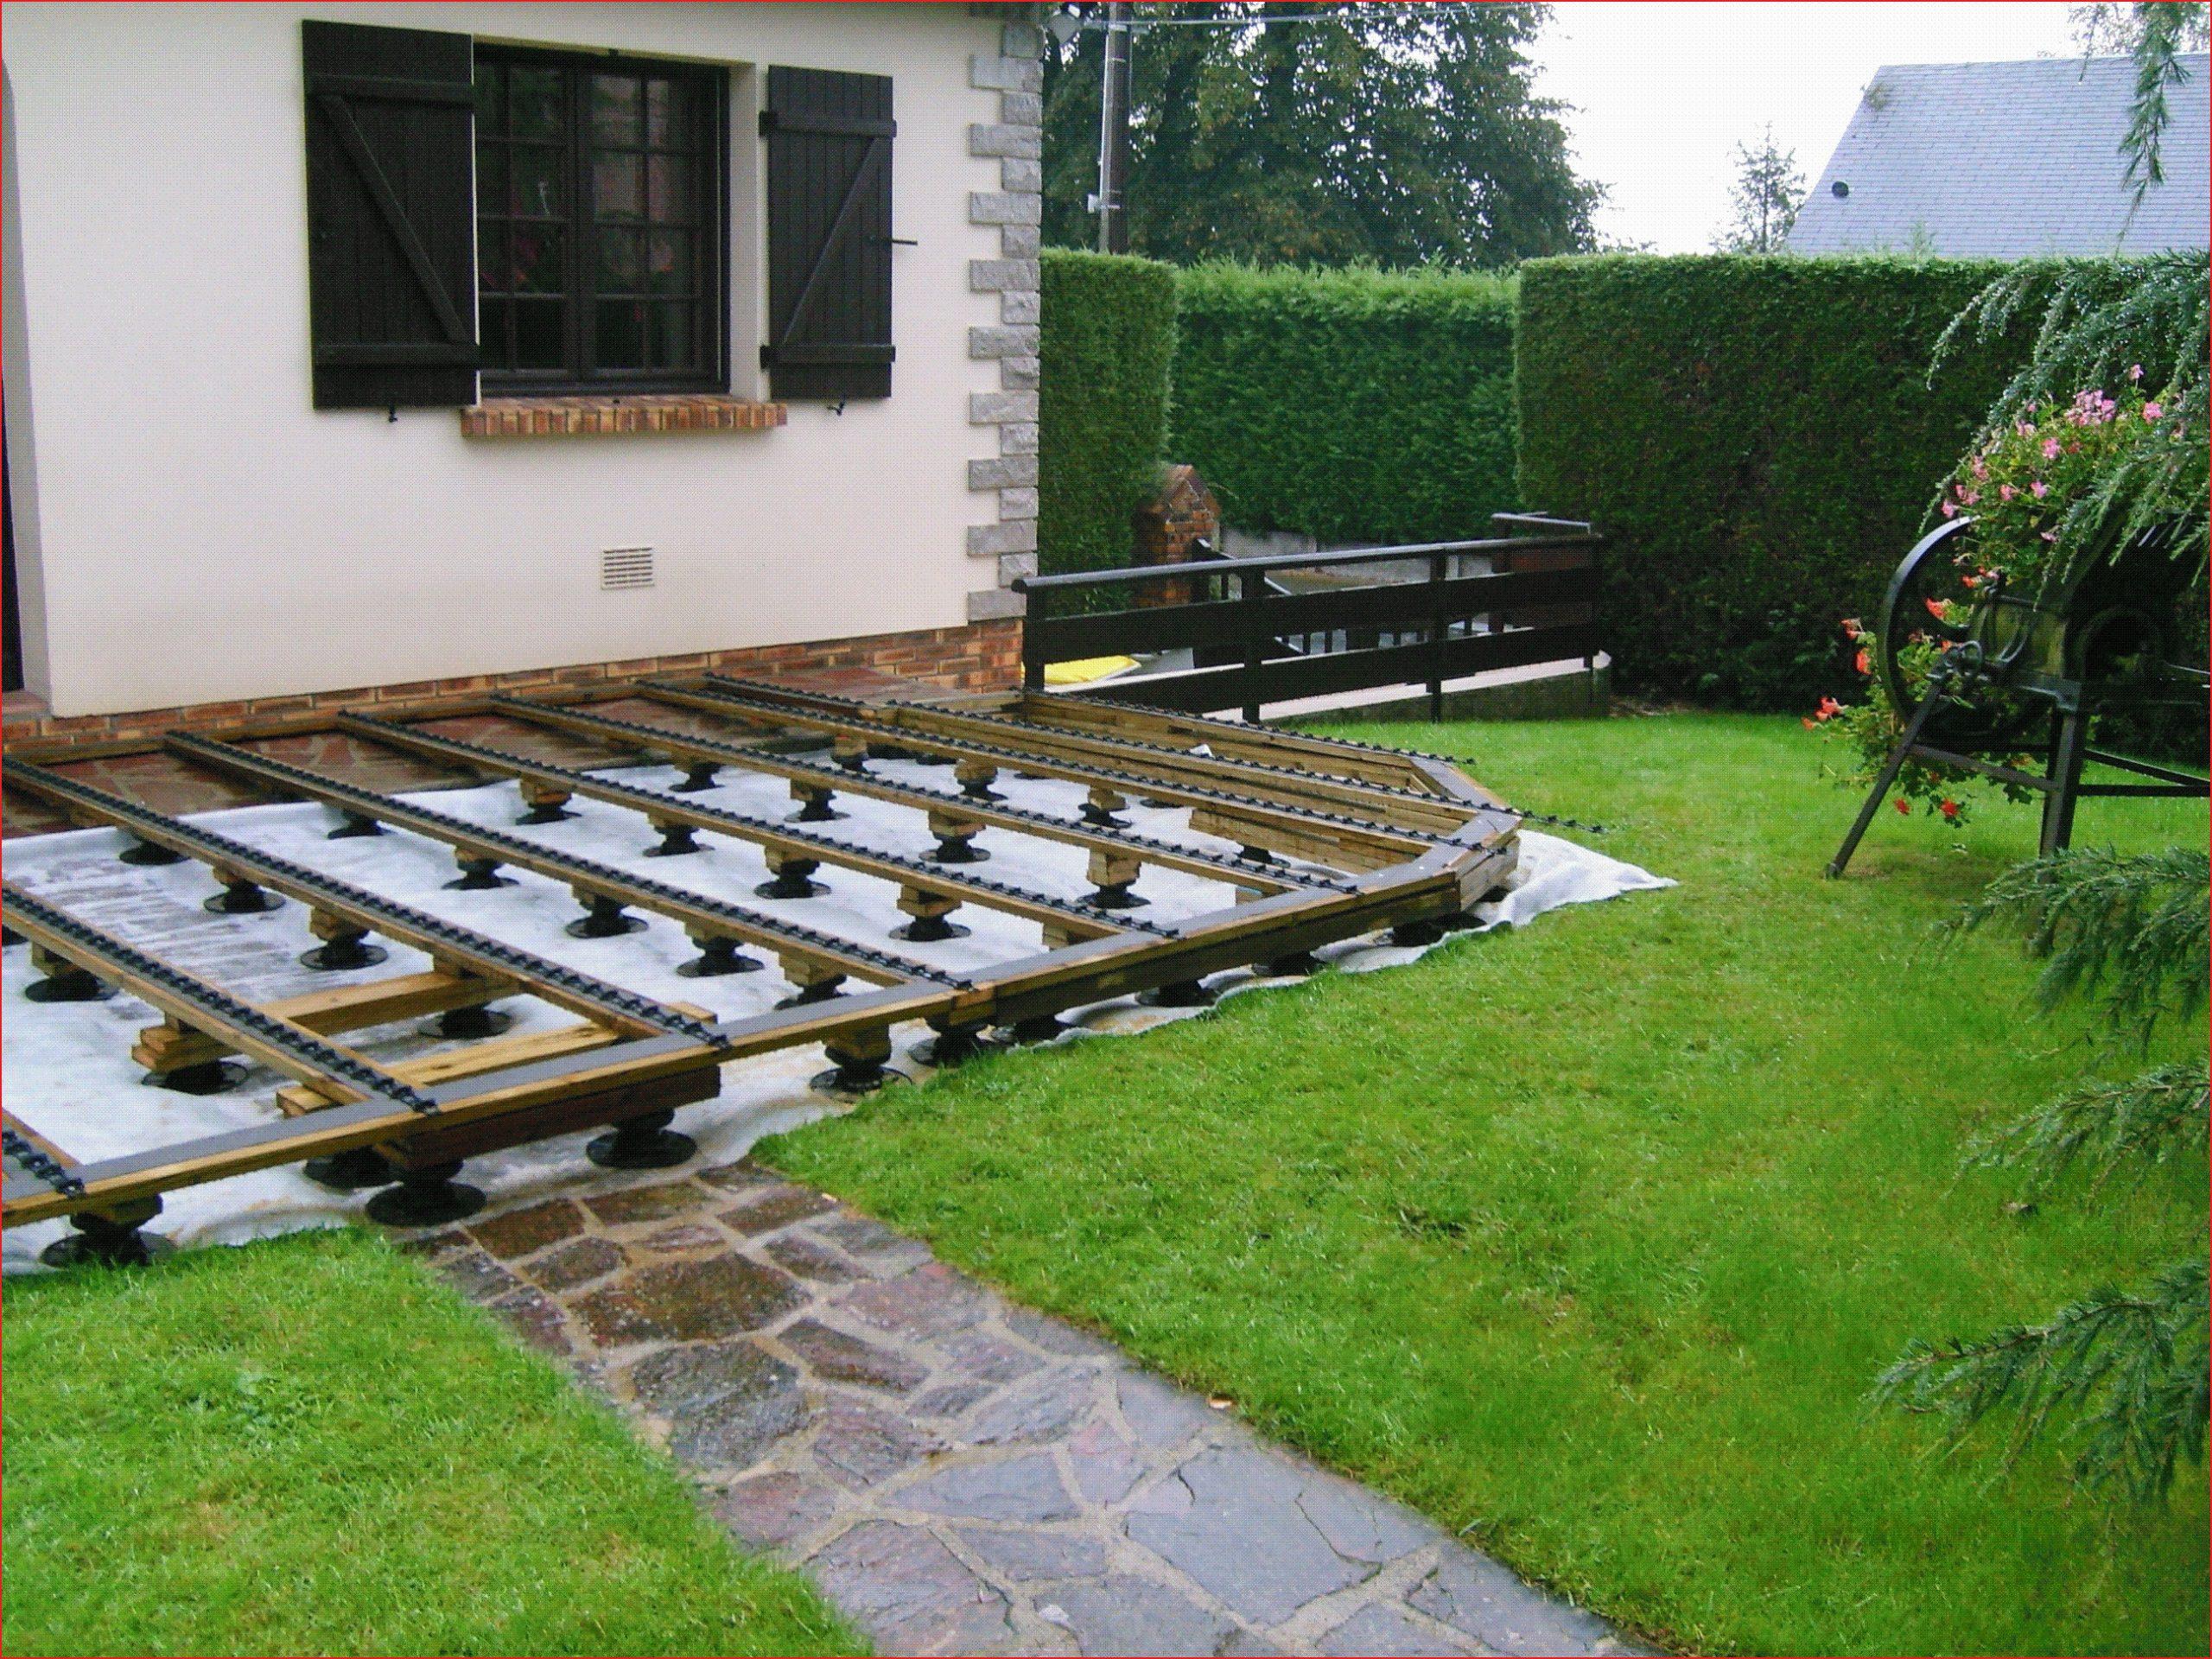 Idées Pour Bordure De Jardin En Acier Galvanisé Galerie De ... concernant Bordures Jardin Pas Cher